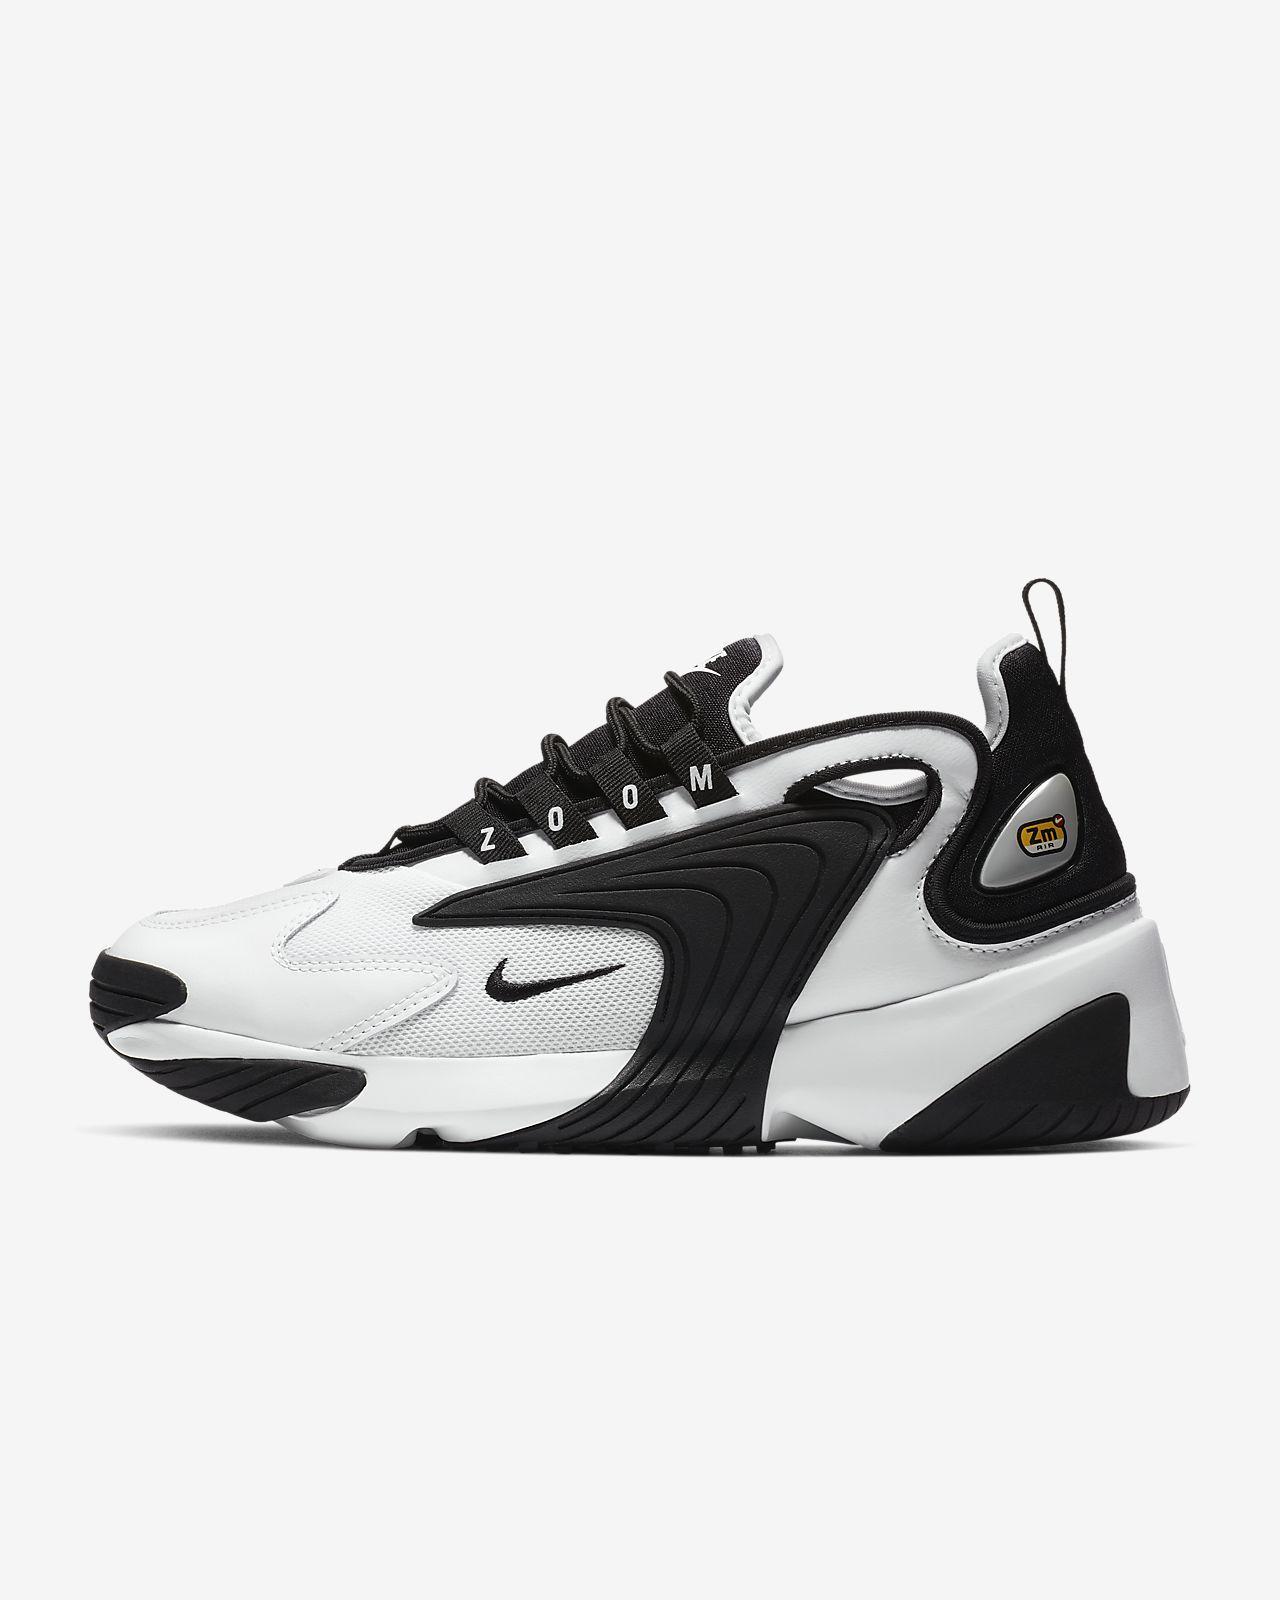 5f09ee090436f Zoom 2K Women s Shoe in 2019